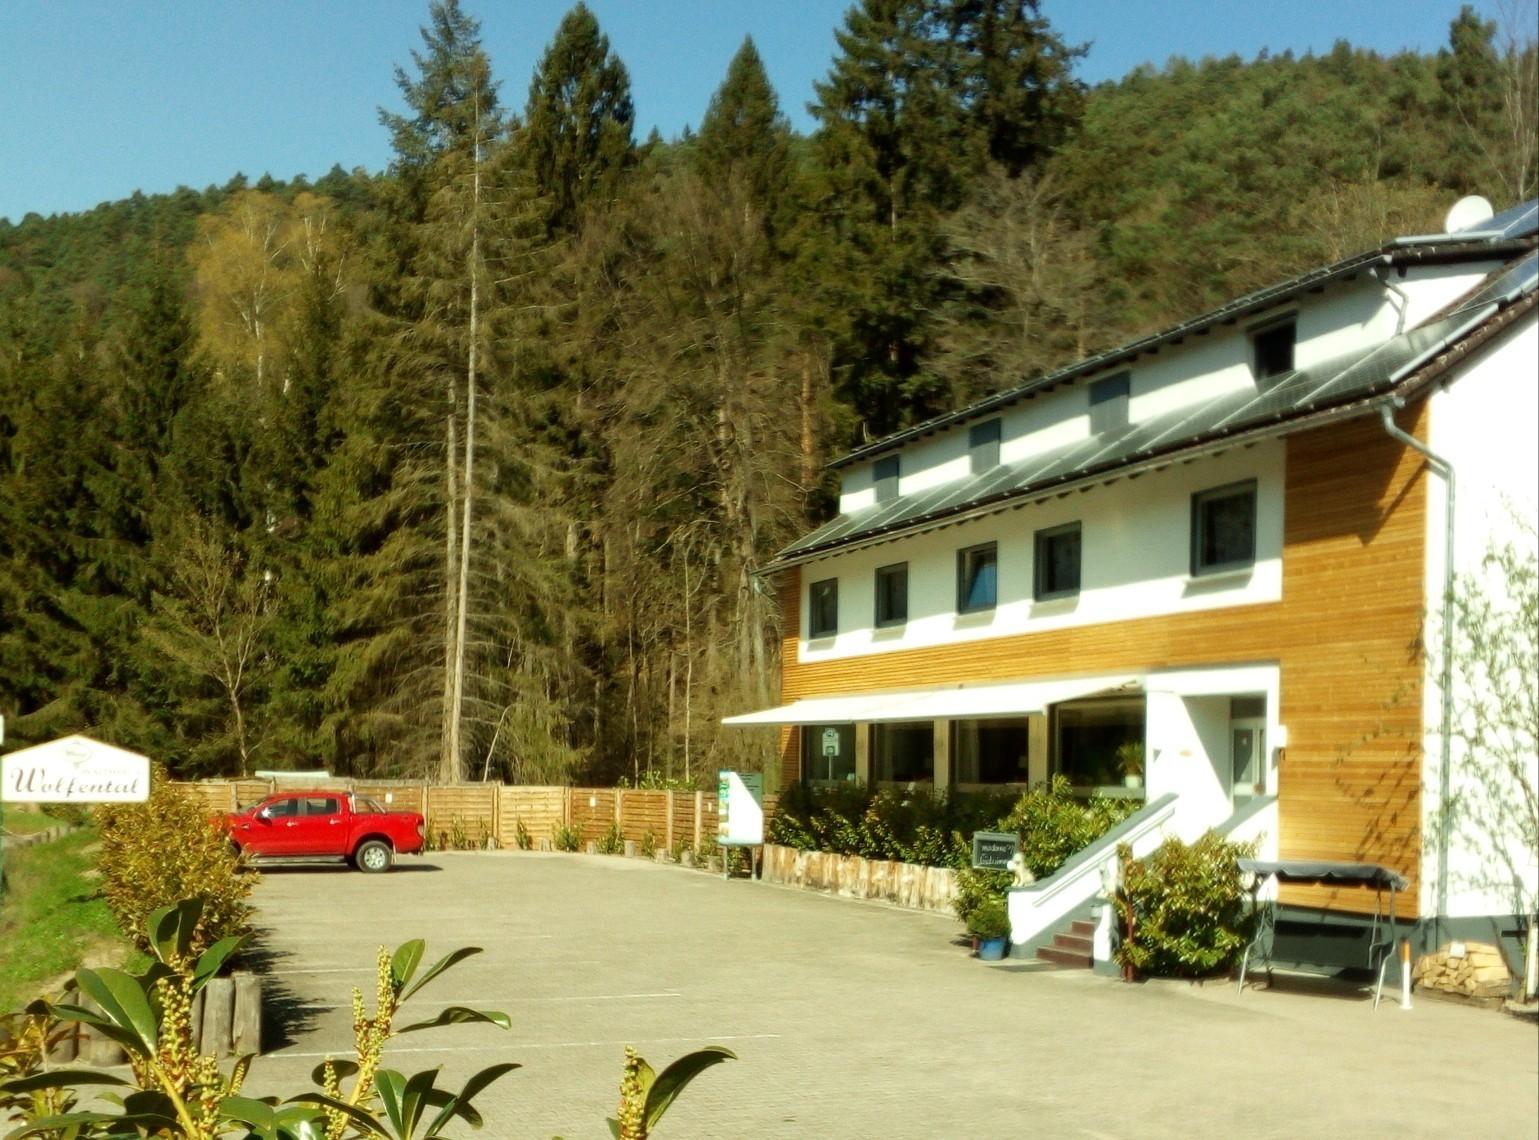 Hotel Waldhaus Wolfental in Bad Dürkheim – HOTEL DE